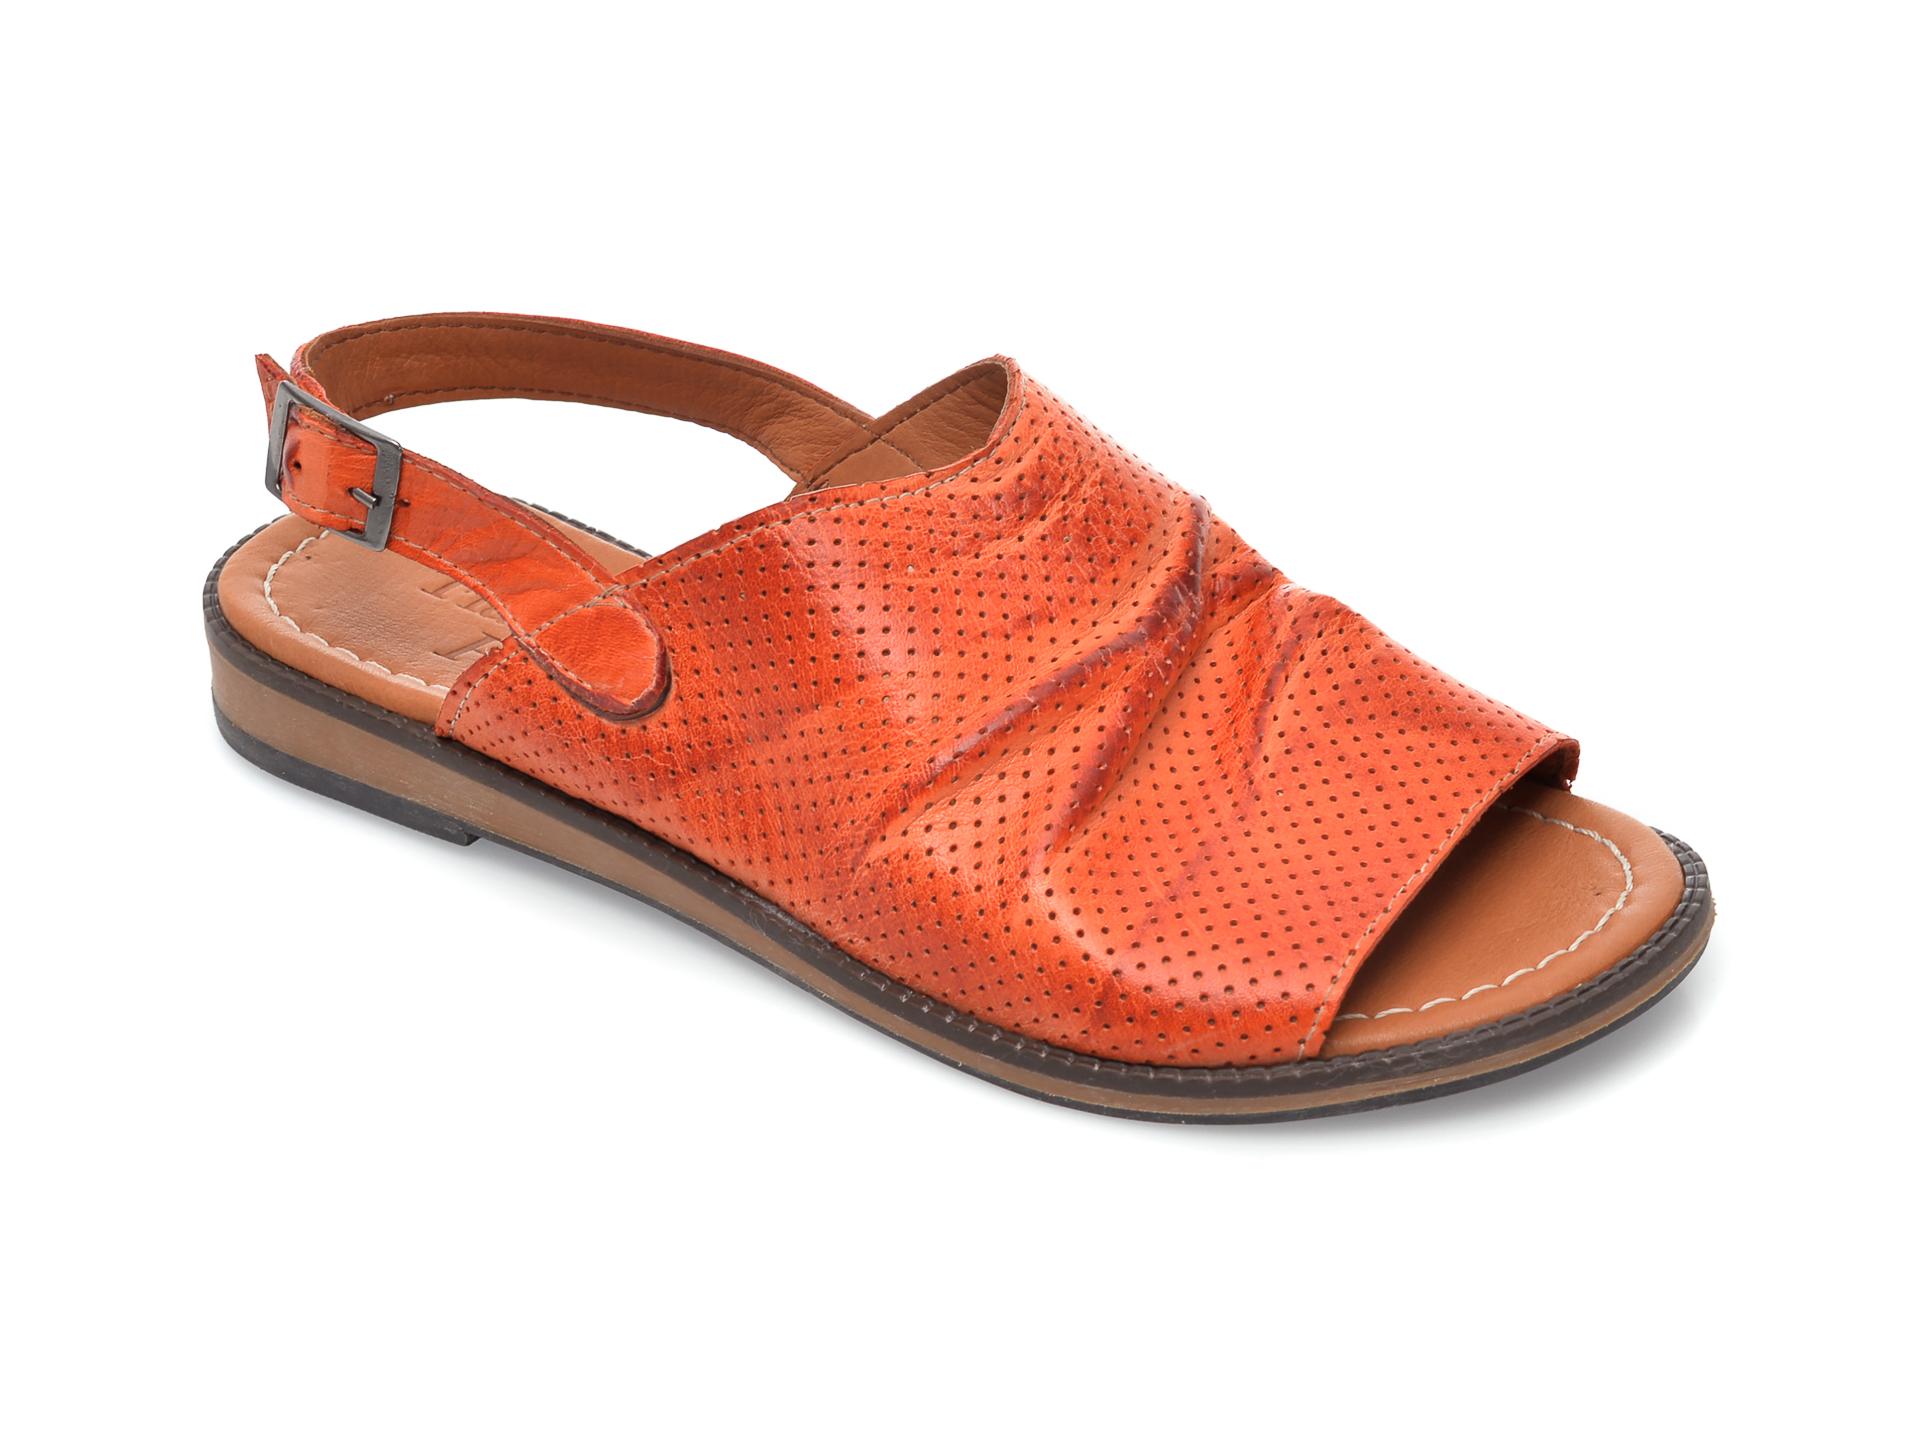 Sandale FLAVIA PASSINI portocalii, 201, din piele naturala imagine otter.ro 2021